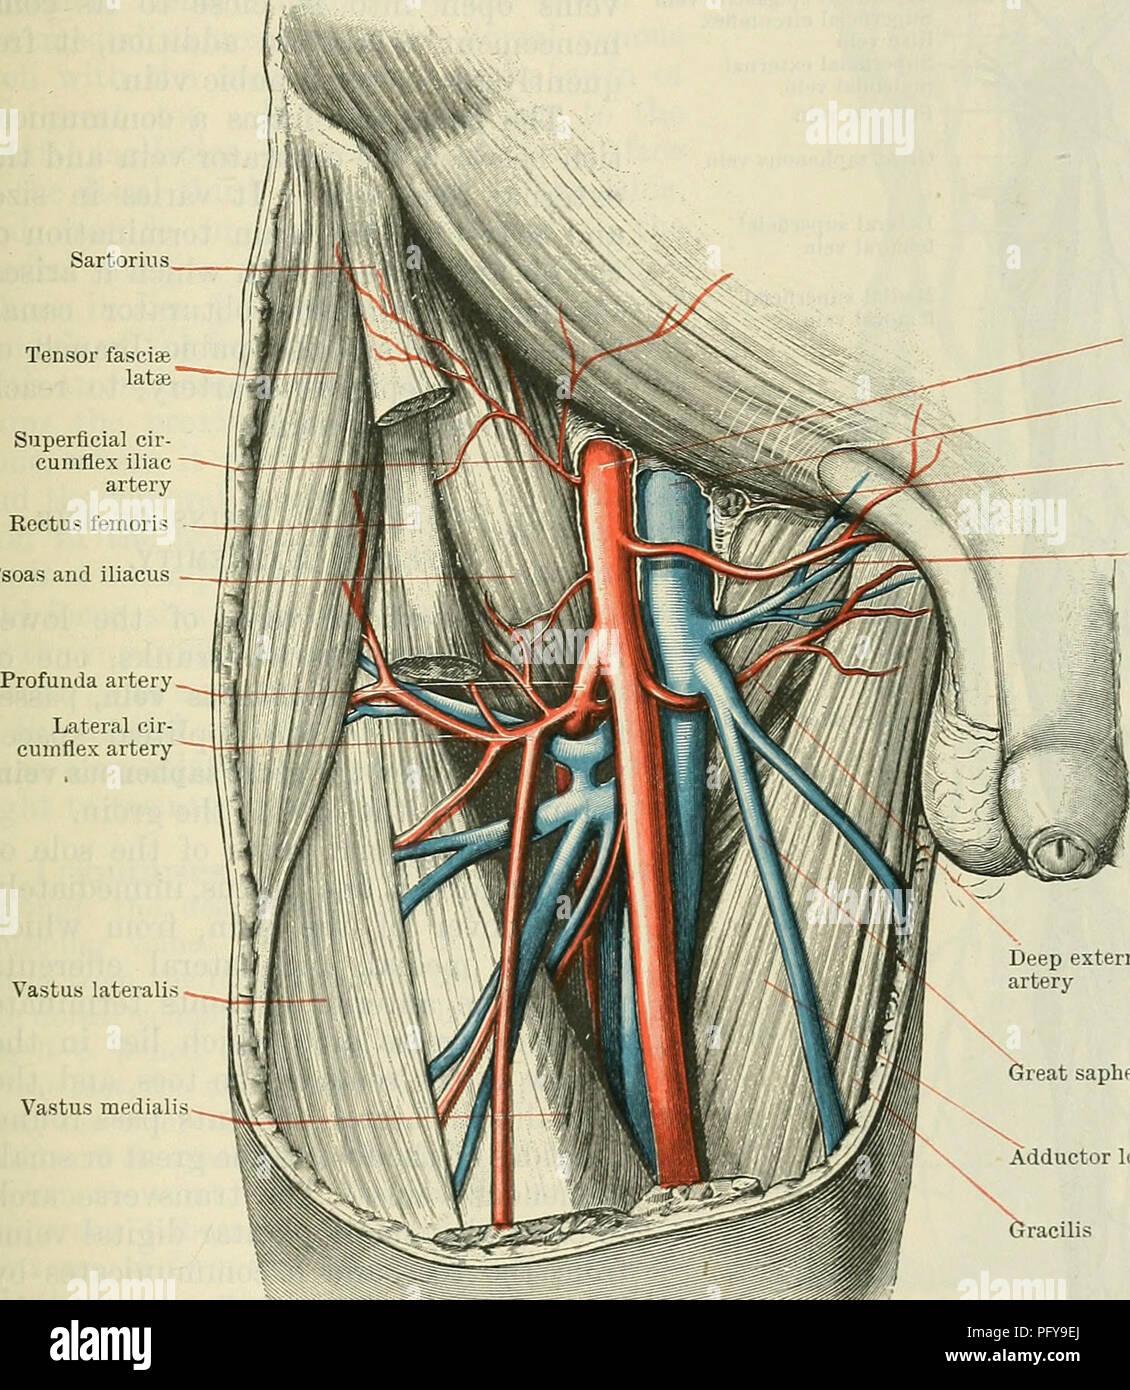 Cunninghams Lehrbuch der Anatomie. Anatomie. Die tiefen Venen DES ...